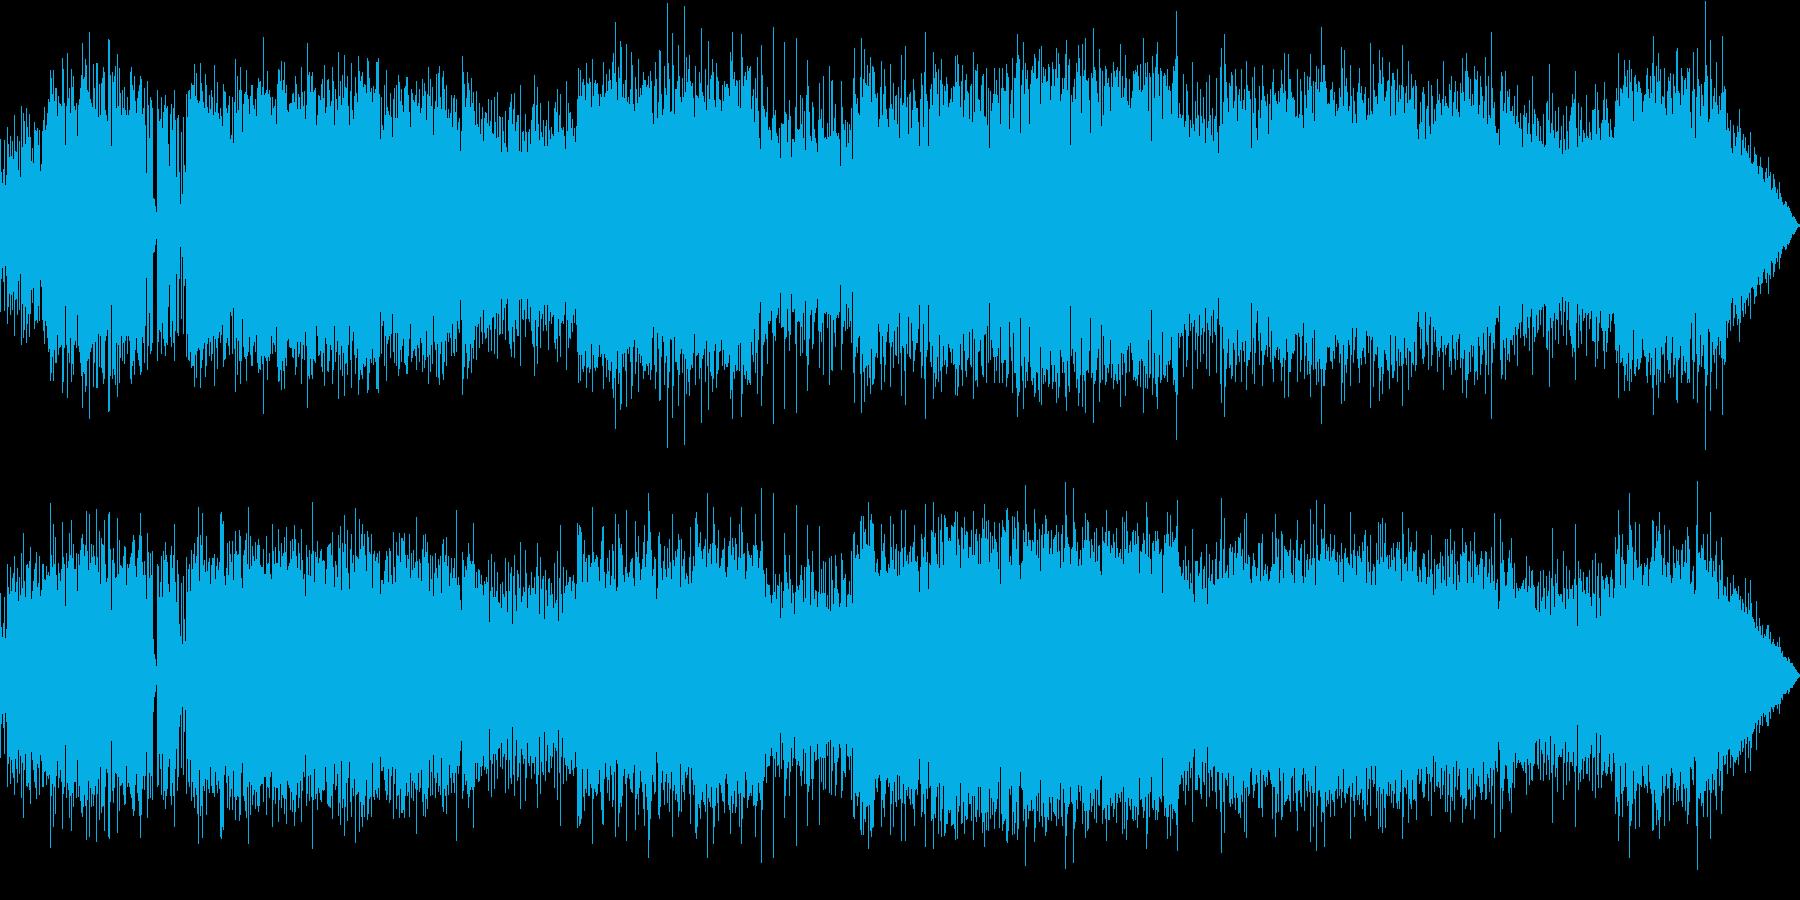 情熱的なプログレッシブ・ハードロックの再生済みの波形